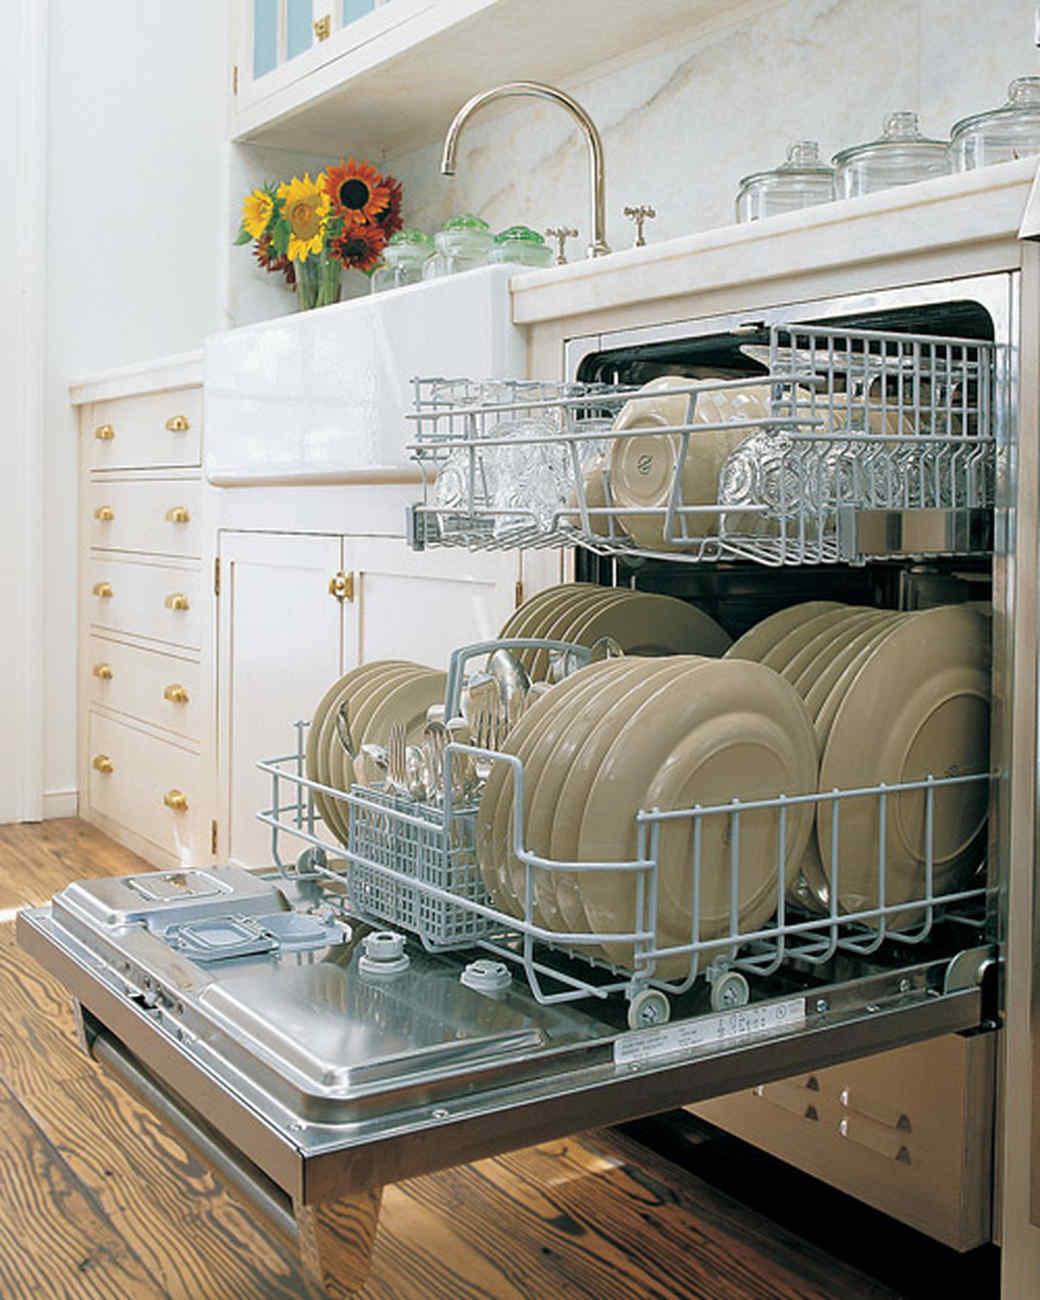 ml711_1197_dishwasher_kitchen.jpg